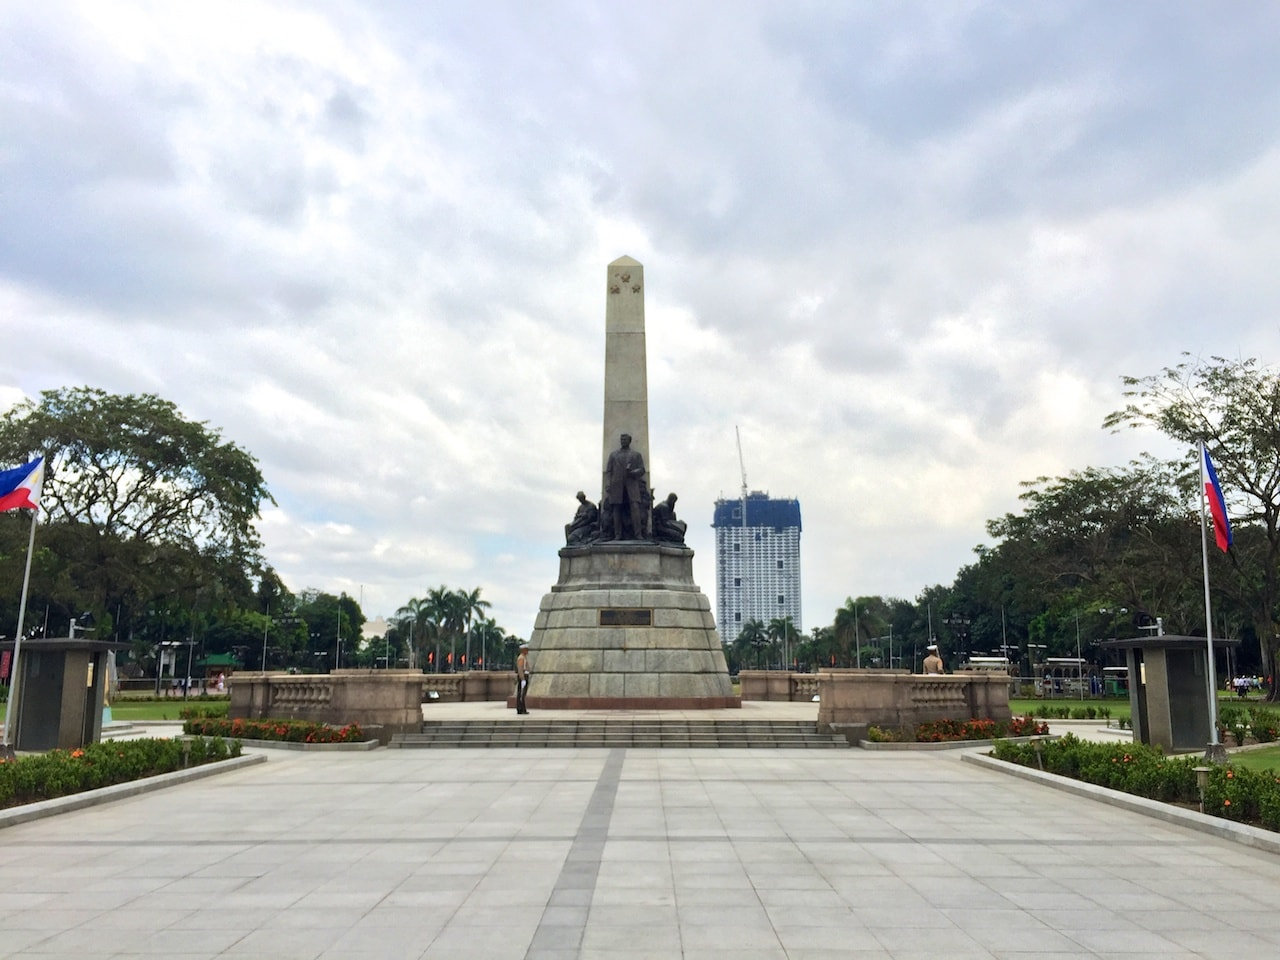 Der Rizal Park: Zu Ehren des philippinischen Nationalhelden José Rizal